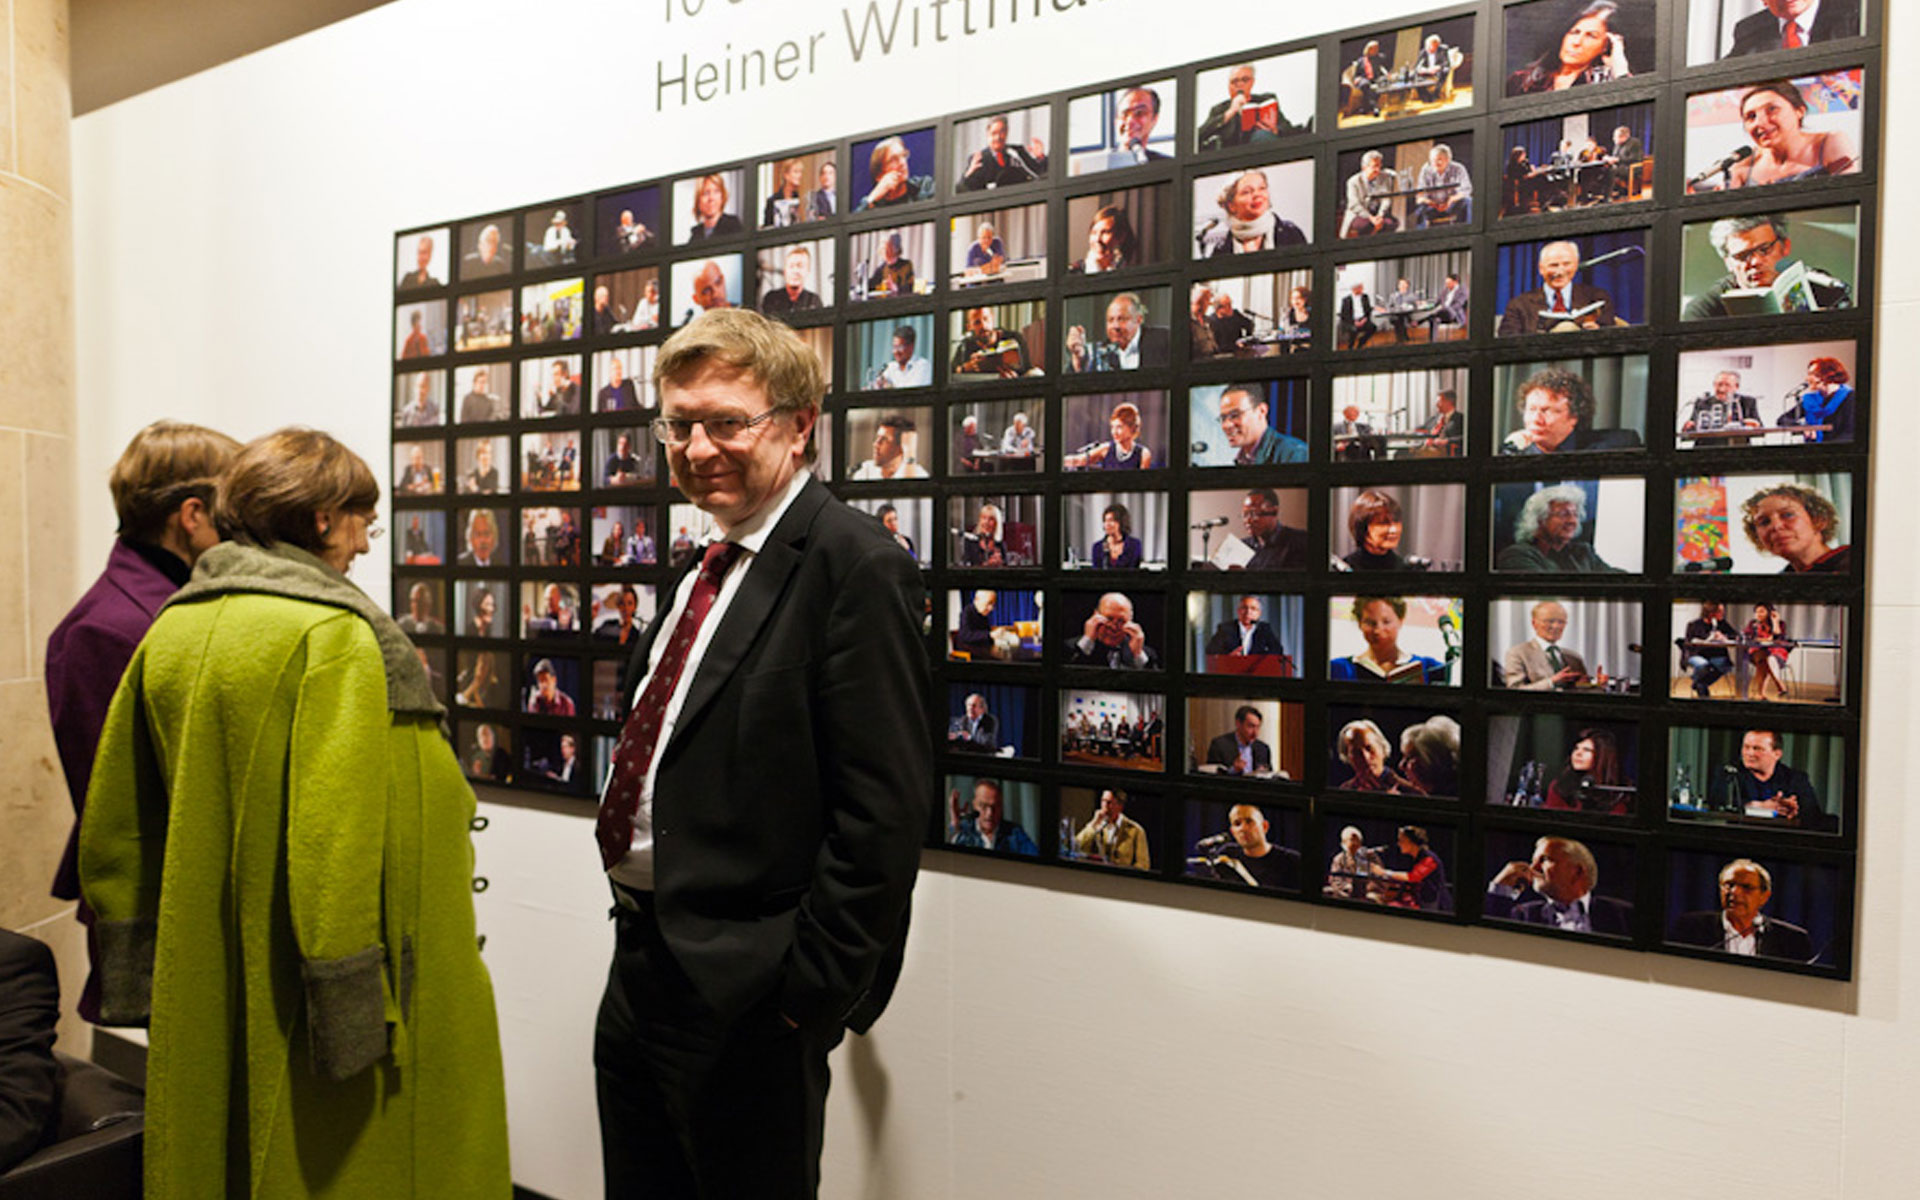 Heiner Wittmann: Zehn Jahre Fotos,                                                                                                                                              Donnerstag, 17.11.11                      -                          Montag, 27.02.12                                                                               <br/>(c) die arge lola